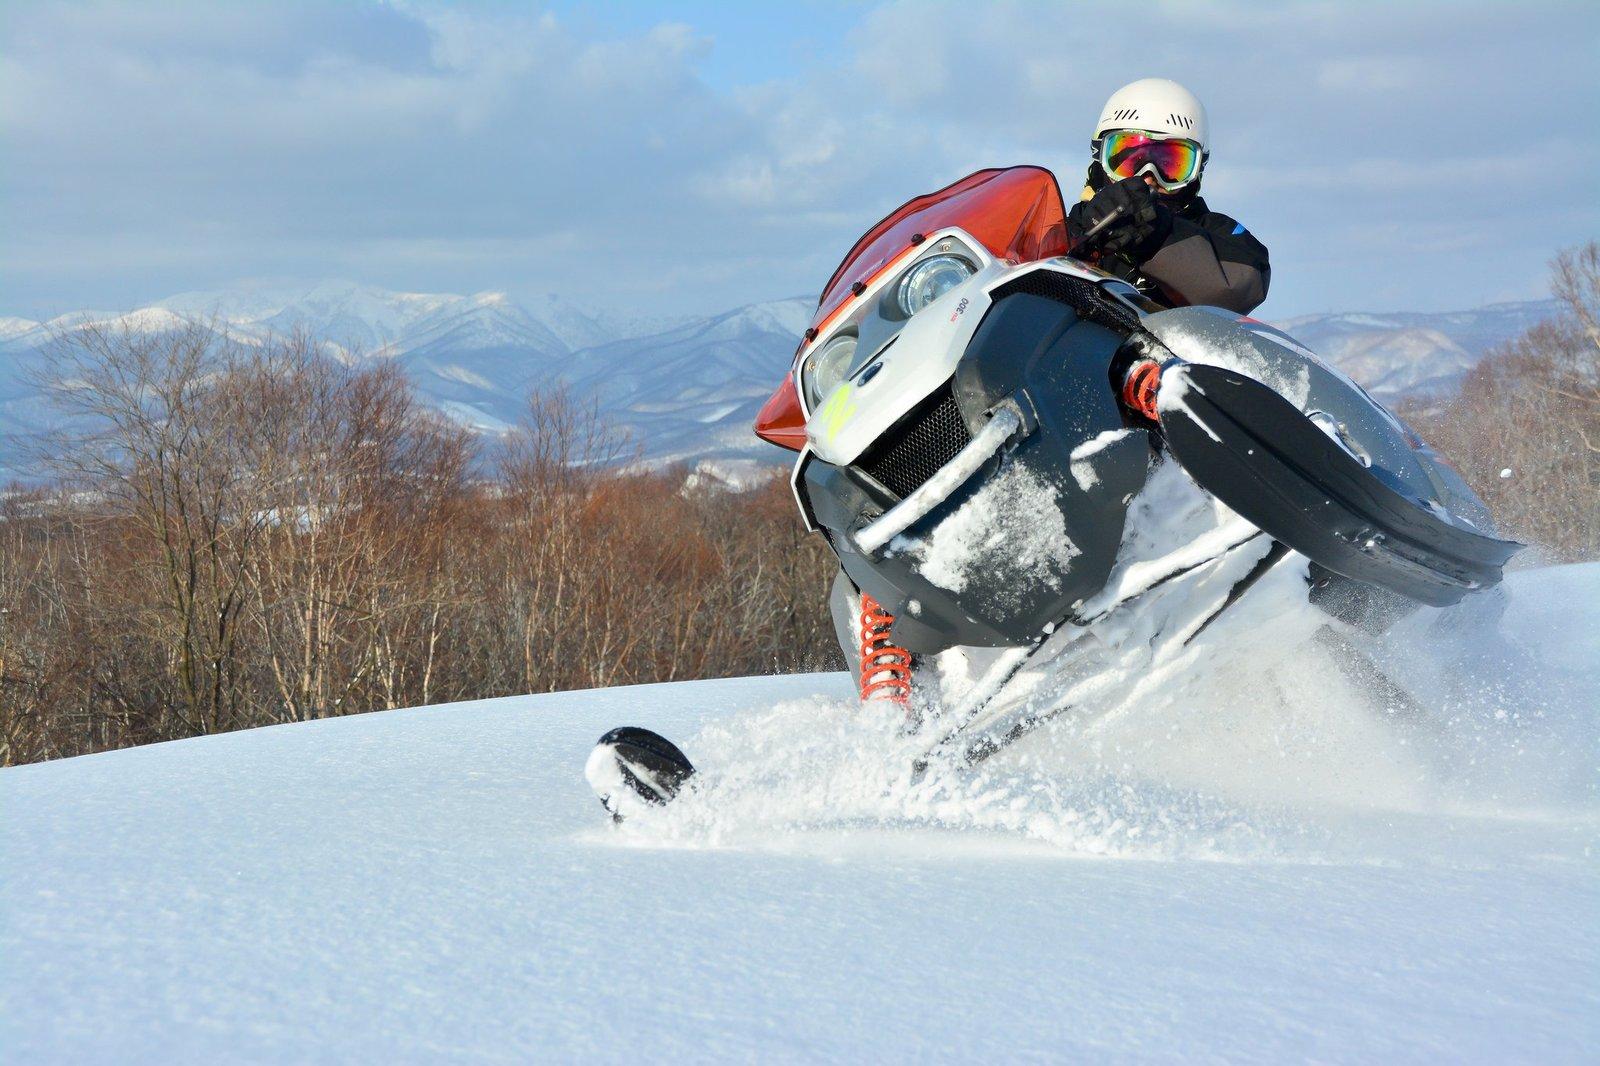 花園スキーリゾートでスノーモービルを運転する人